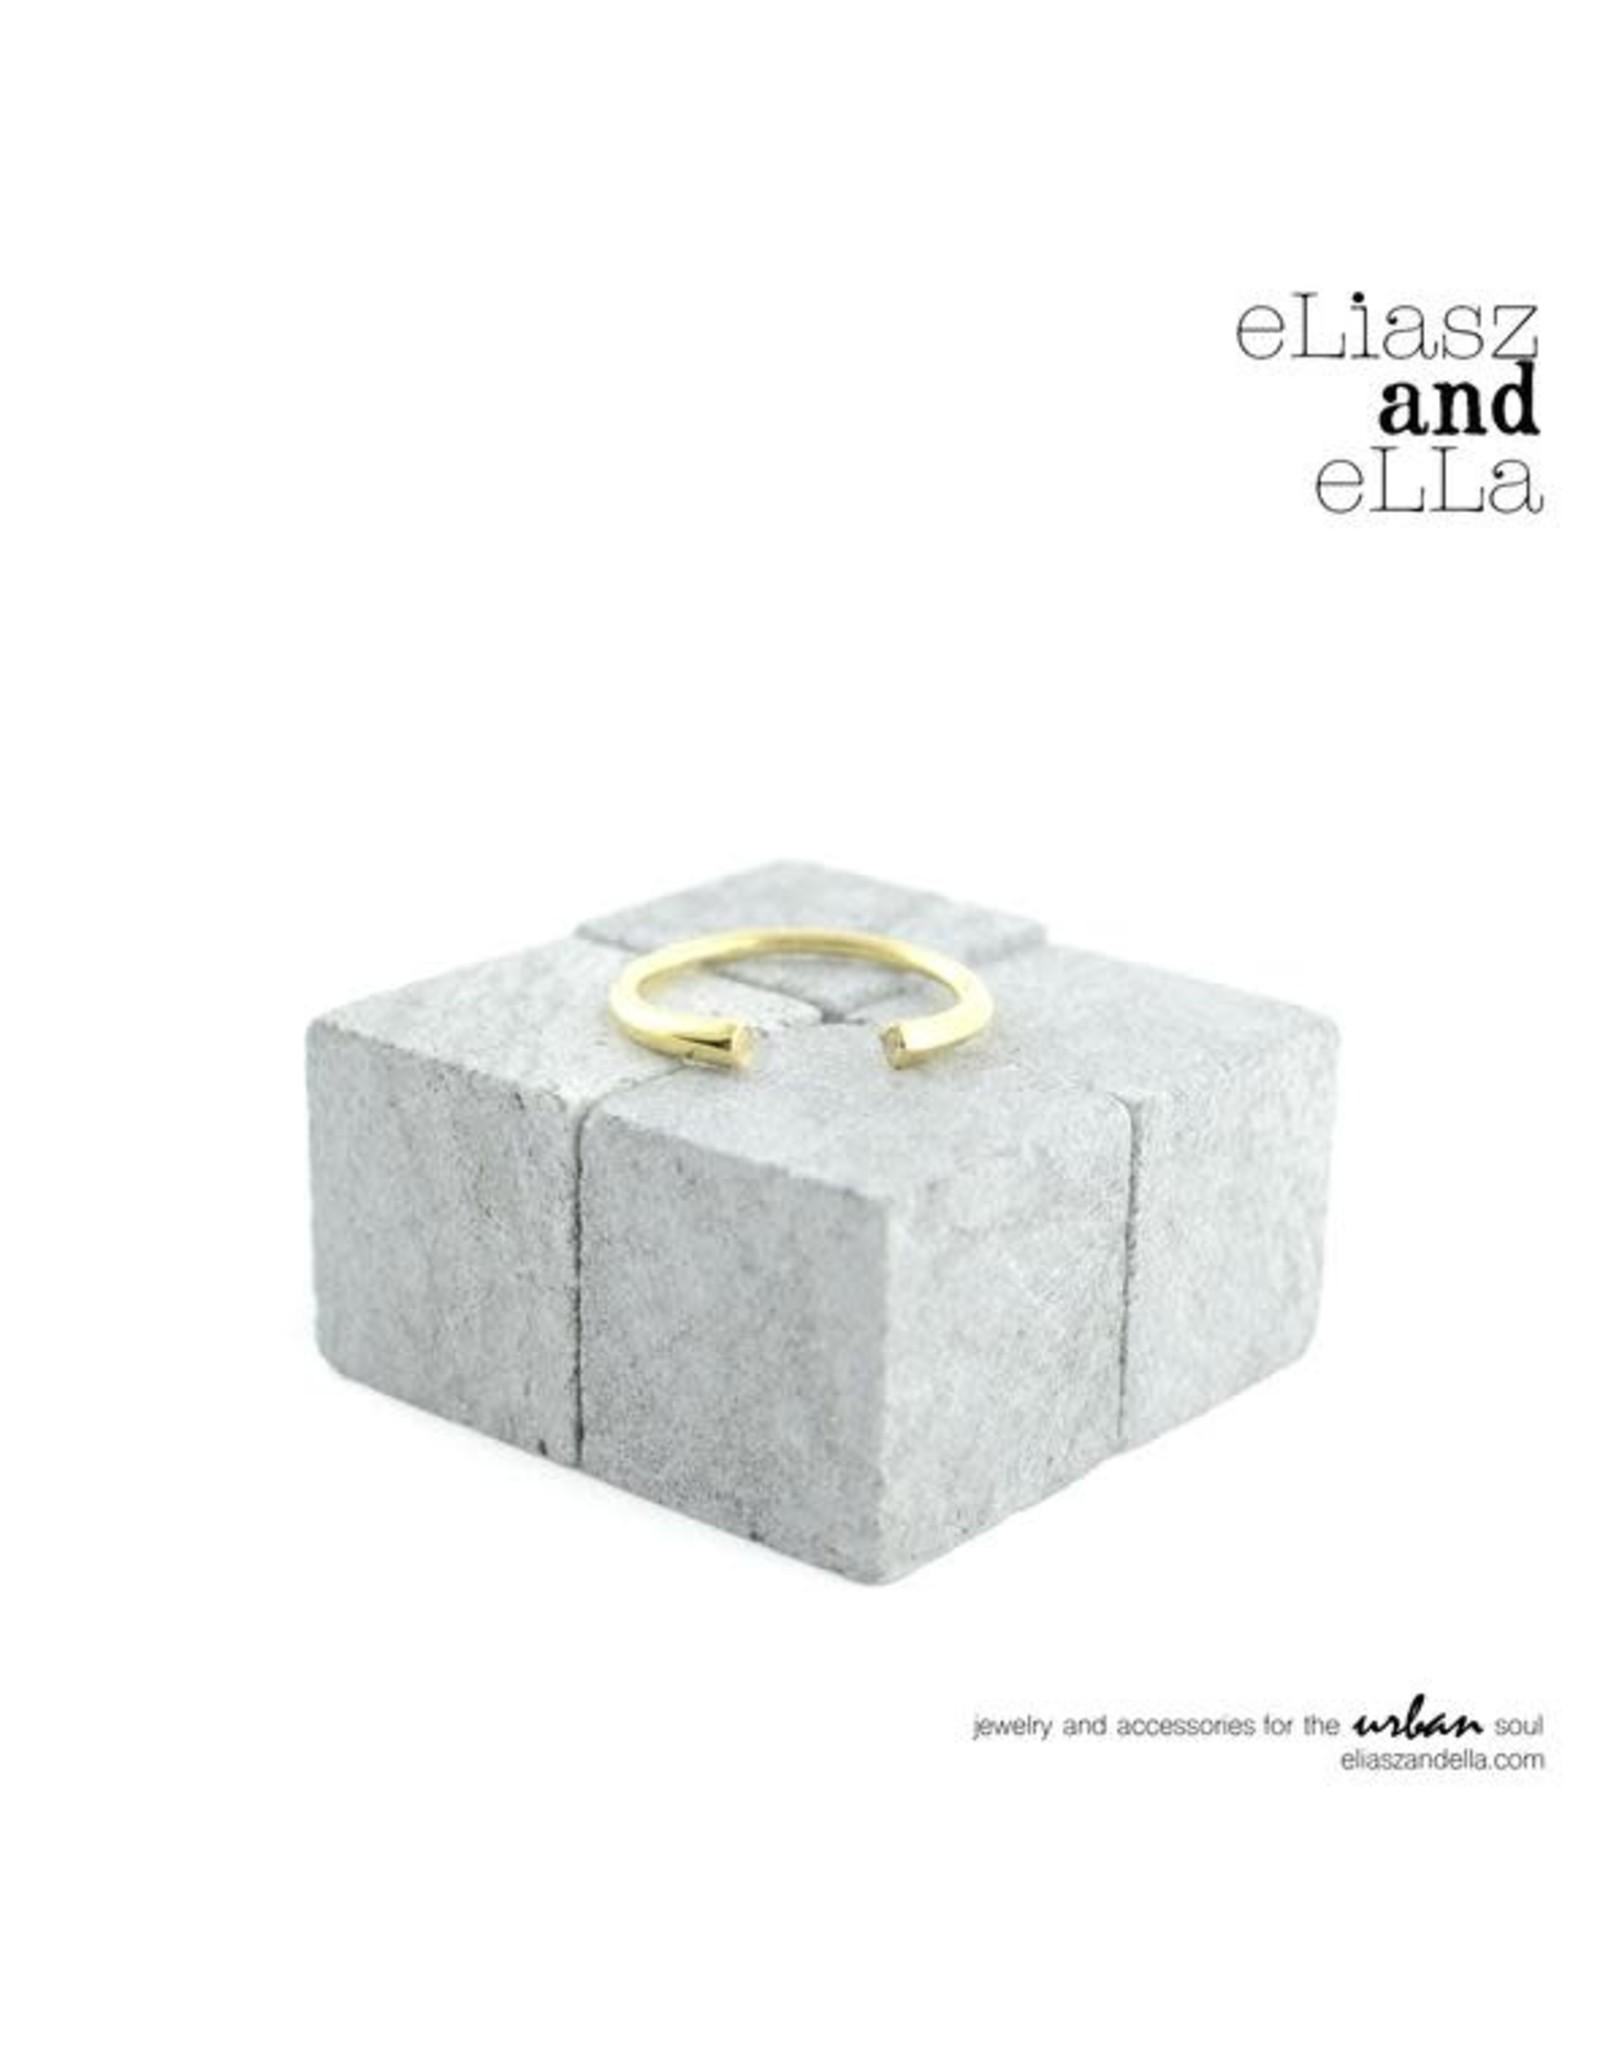 eLiasz and eLLa RisQue Ring